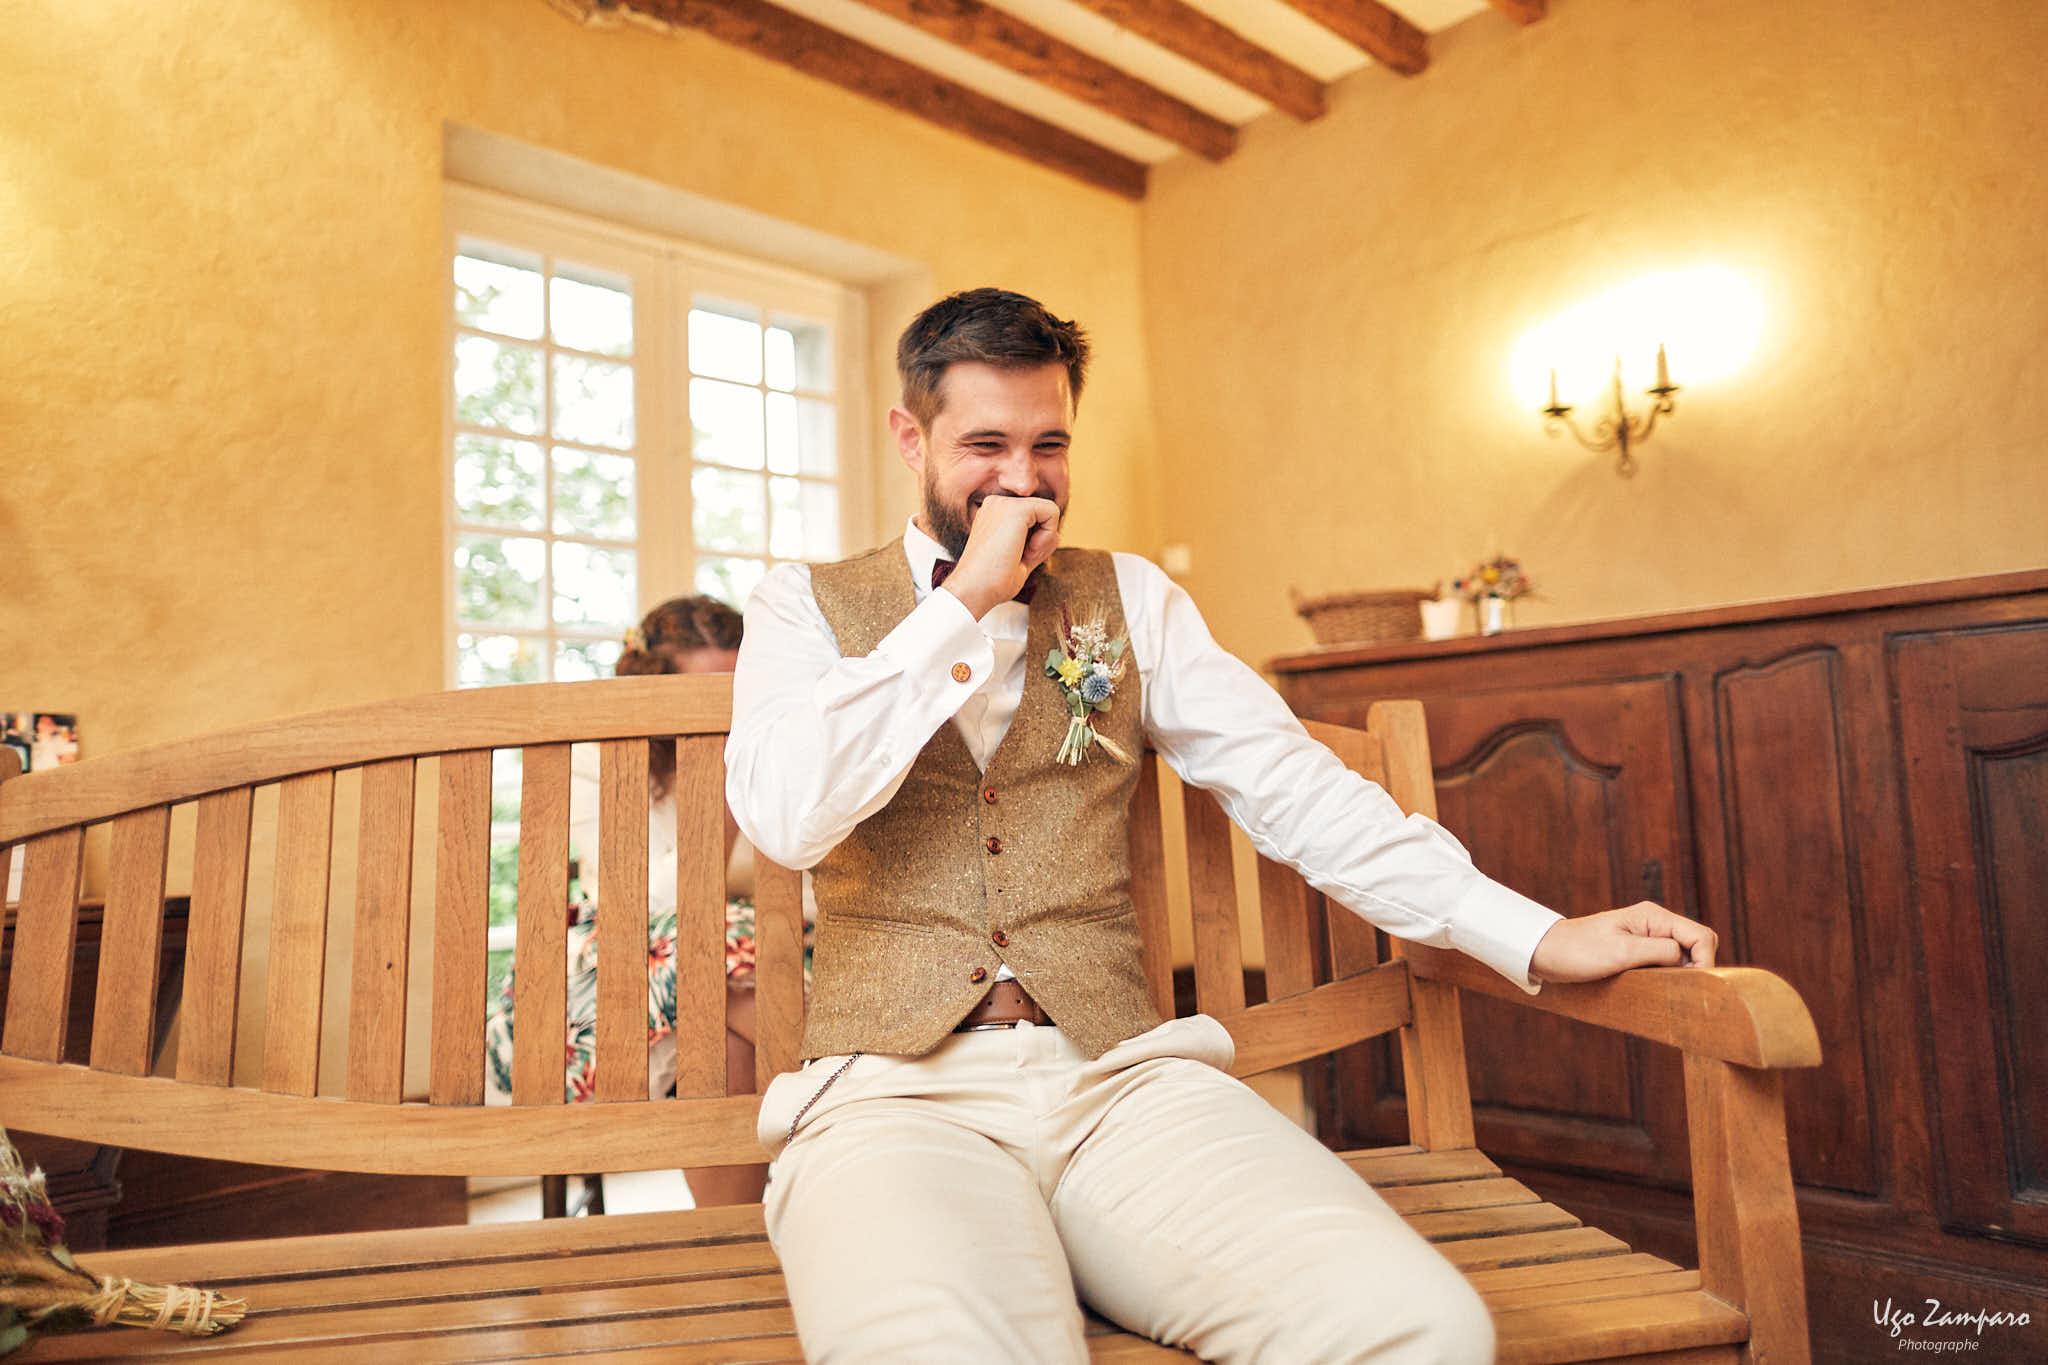 Fou rire du marié pendant la cérémonie laïque au Château Saint-Georges vers Saint-Emilion